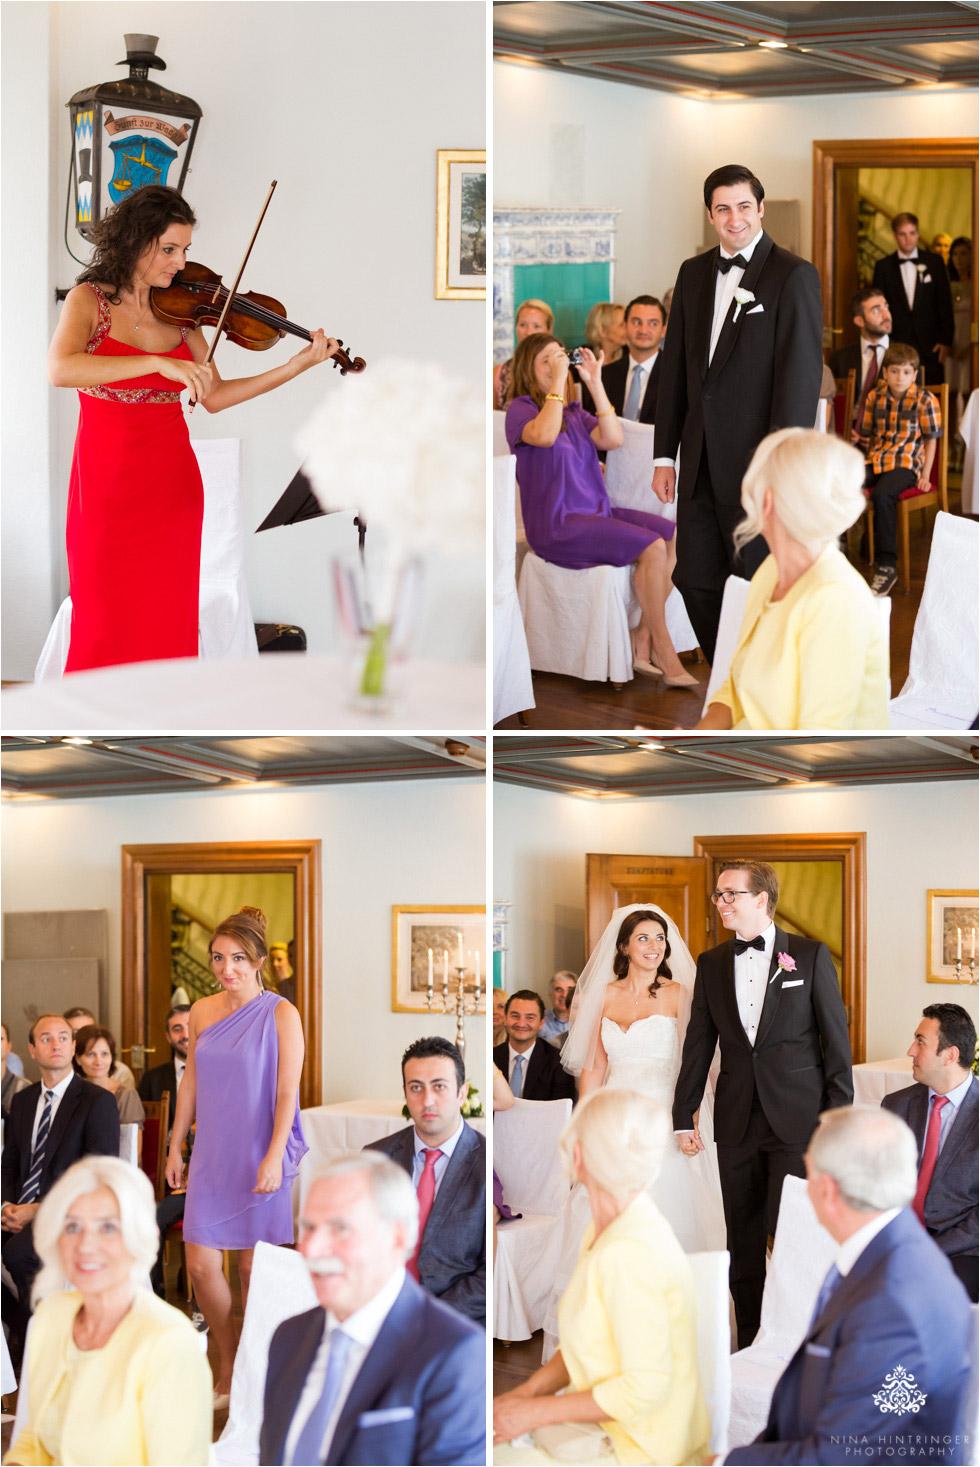 Turkey & USA in Switzerland | Duygu & Bryans International Wedding at Haute | Zurich - Blog of Nina Hintringer Photography - Wedding Photography, Wedding Reportage and Destination Weddings